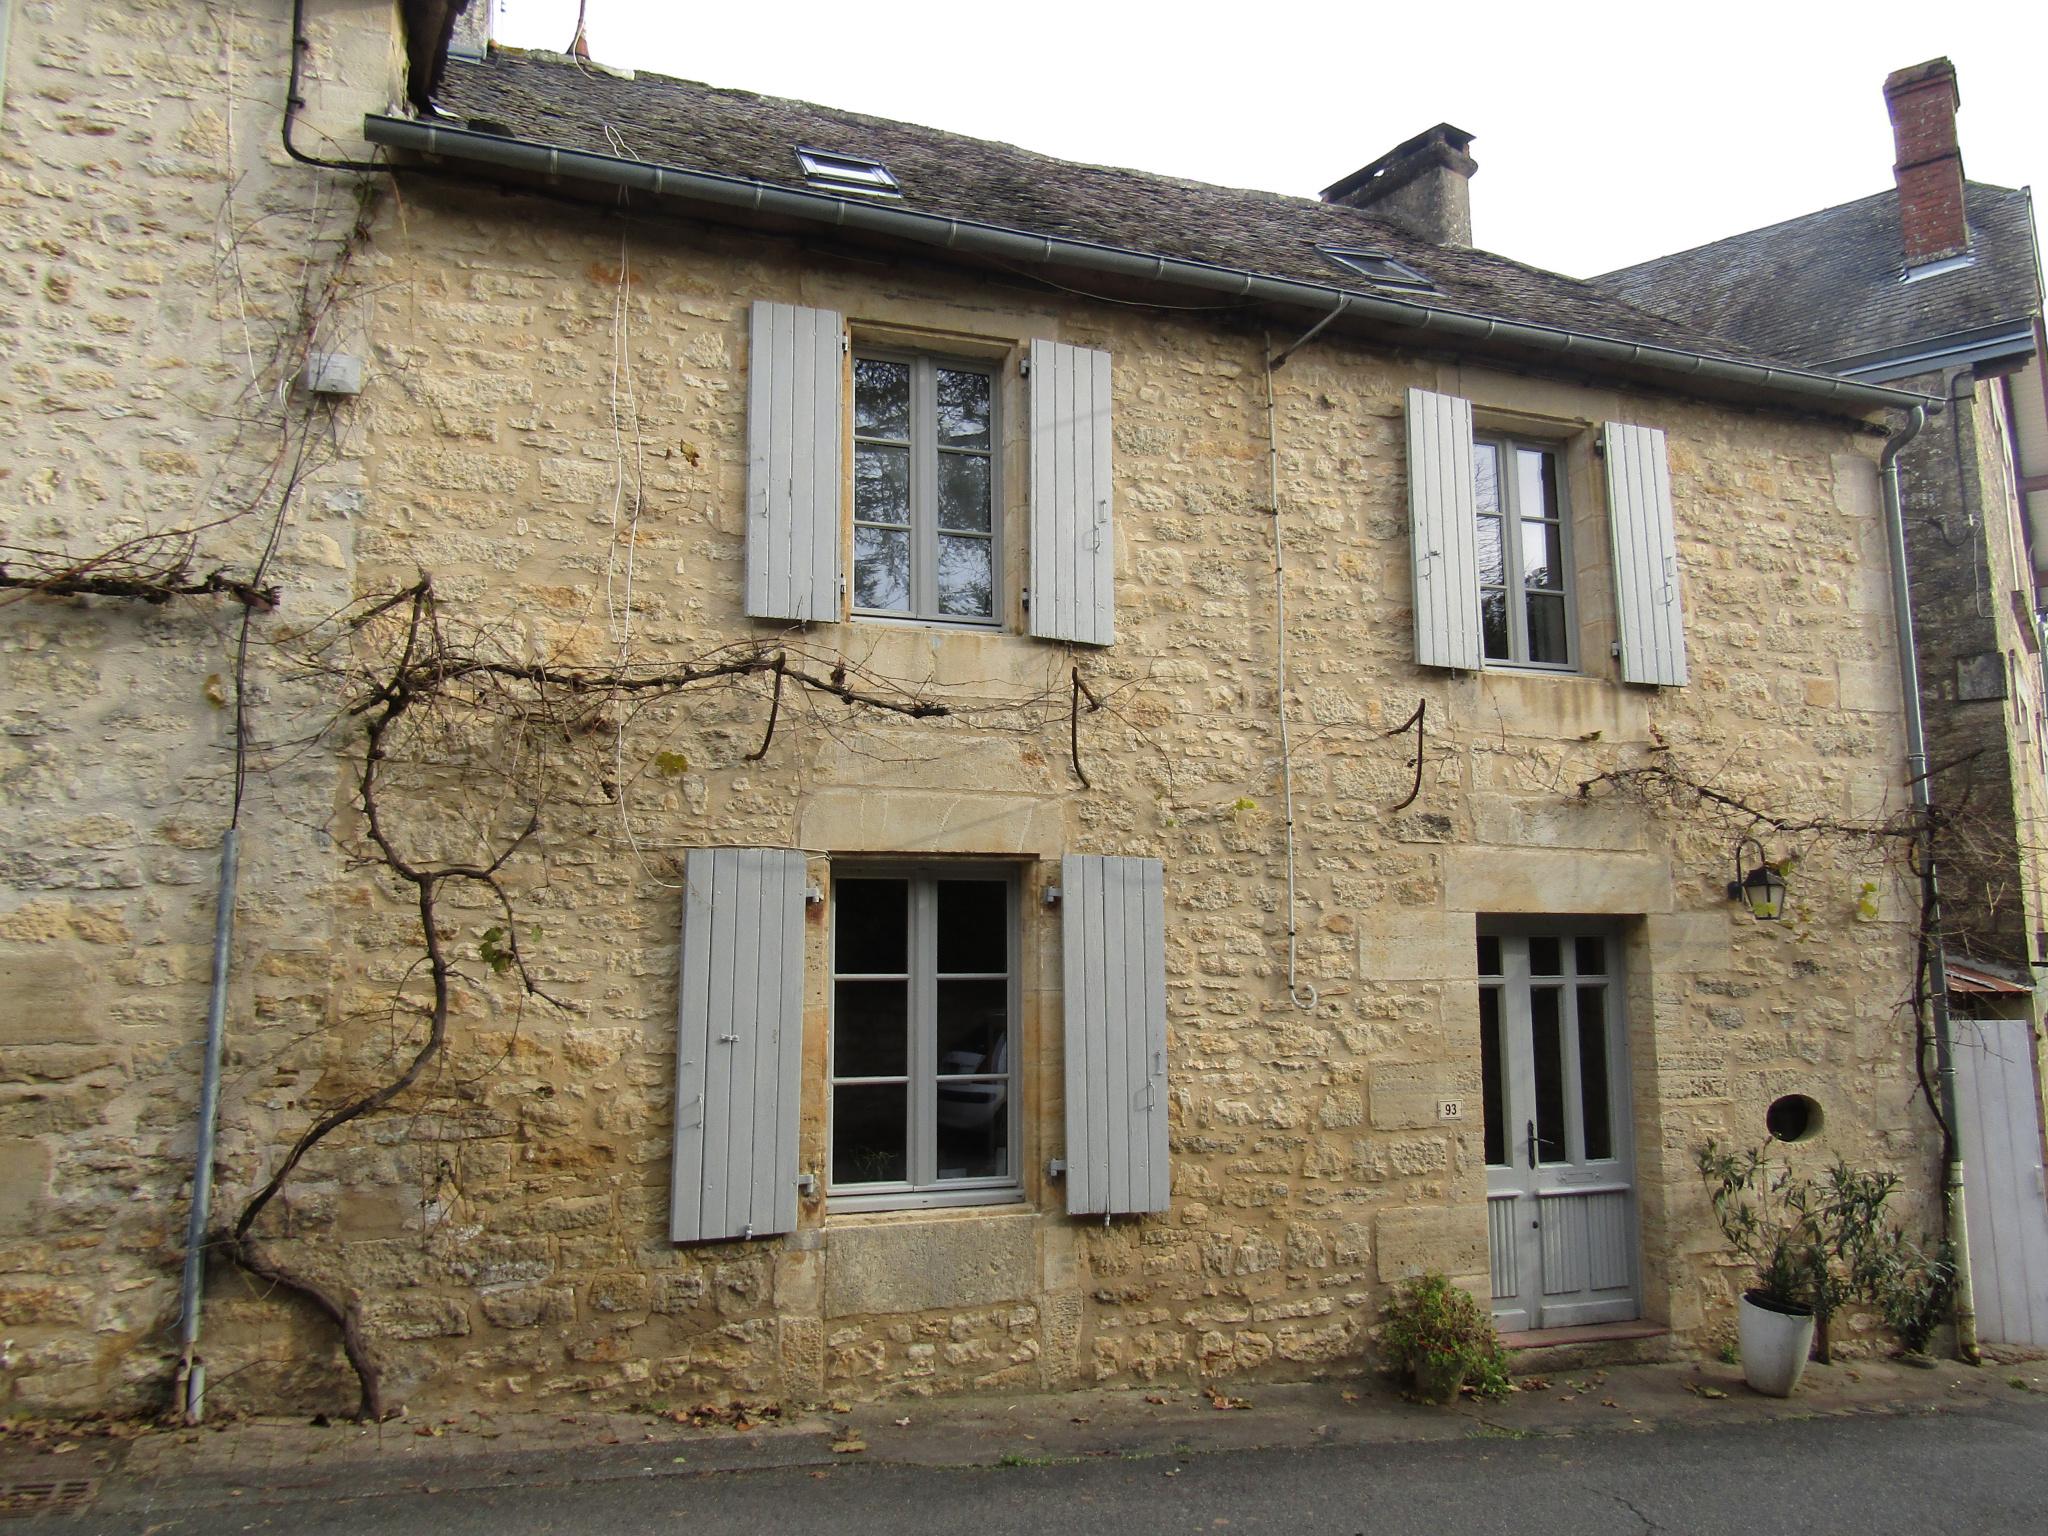 vente Maison de village de caractère en pierre avec jardinet au